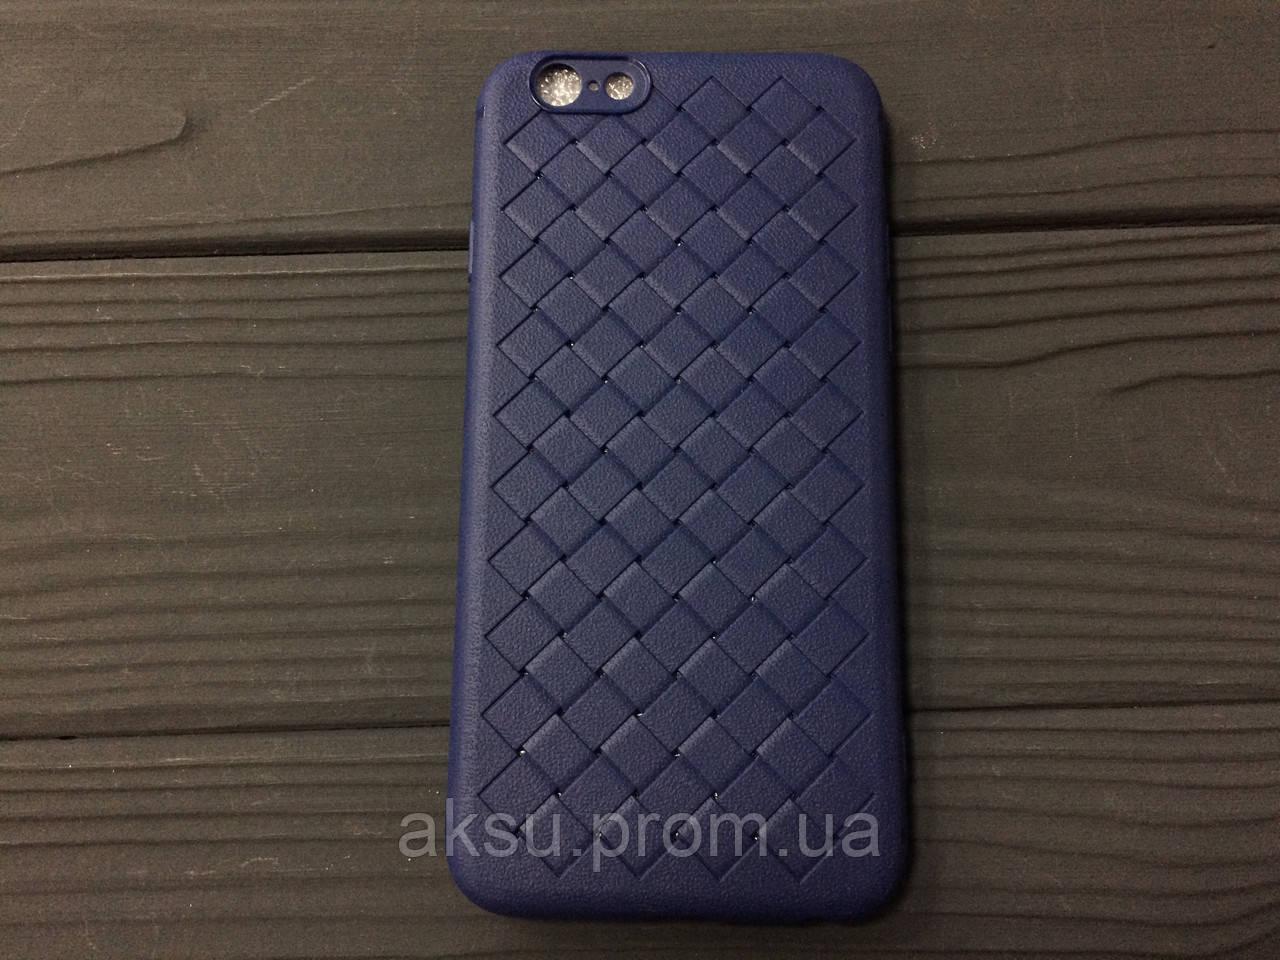 Чехол для iPhone 6 / 6s Плетений